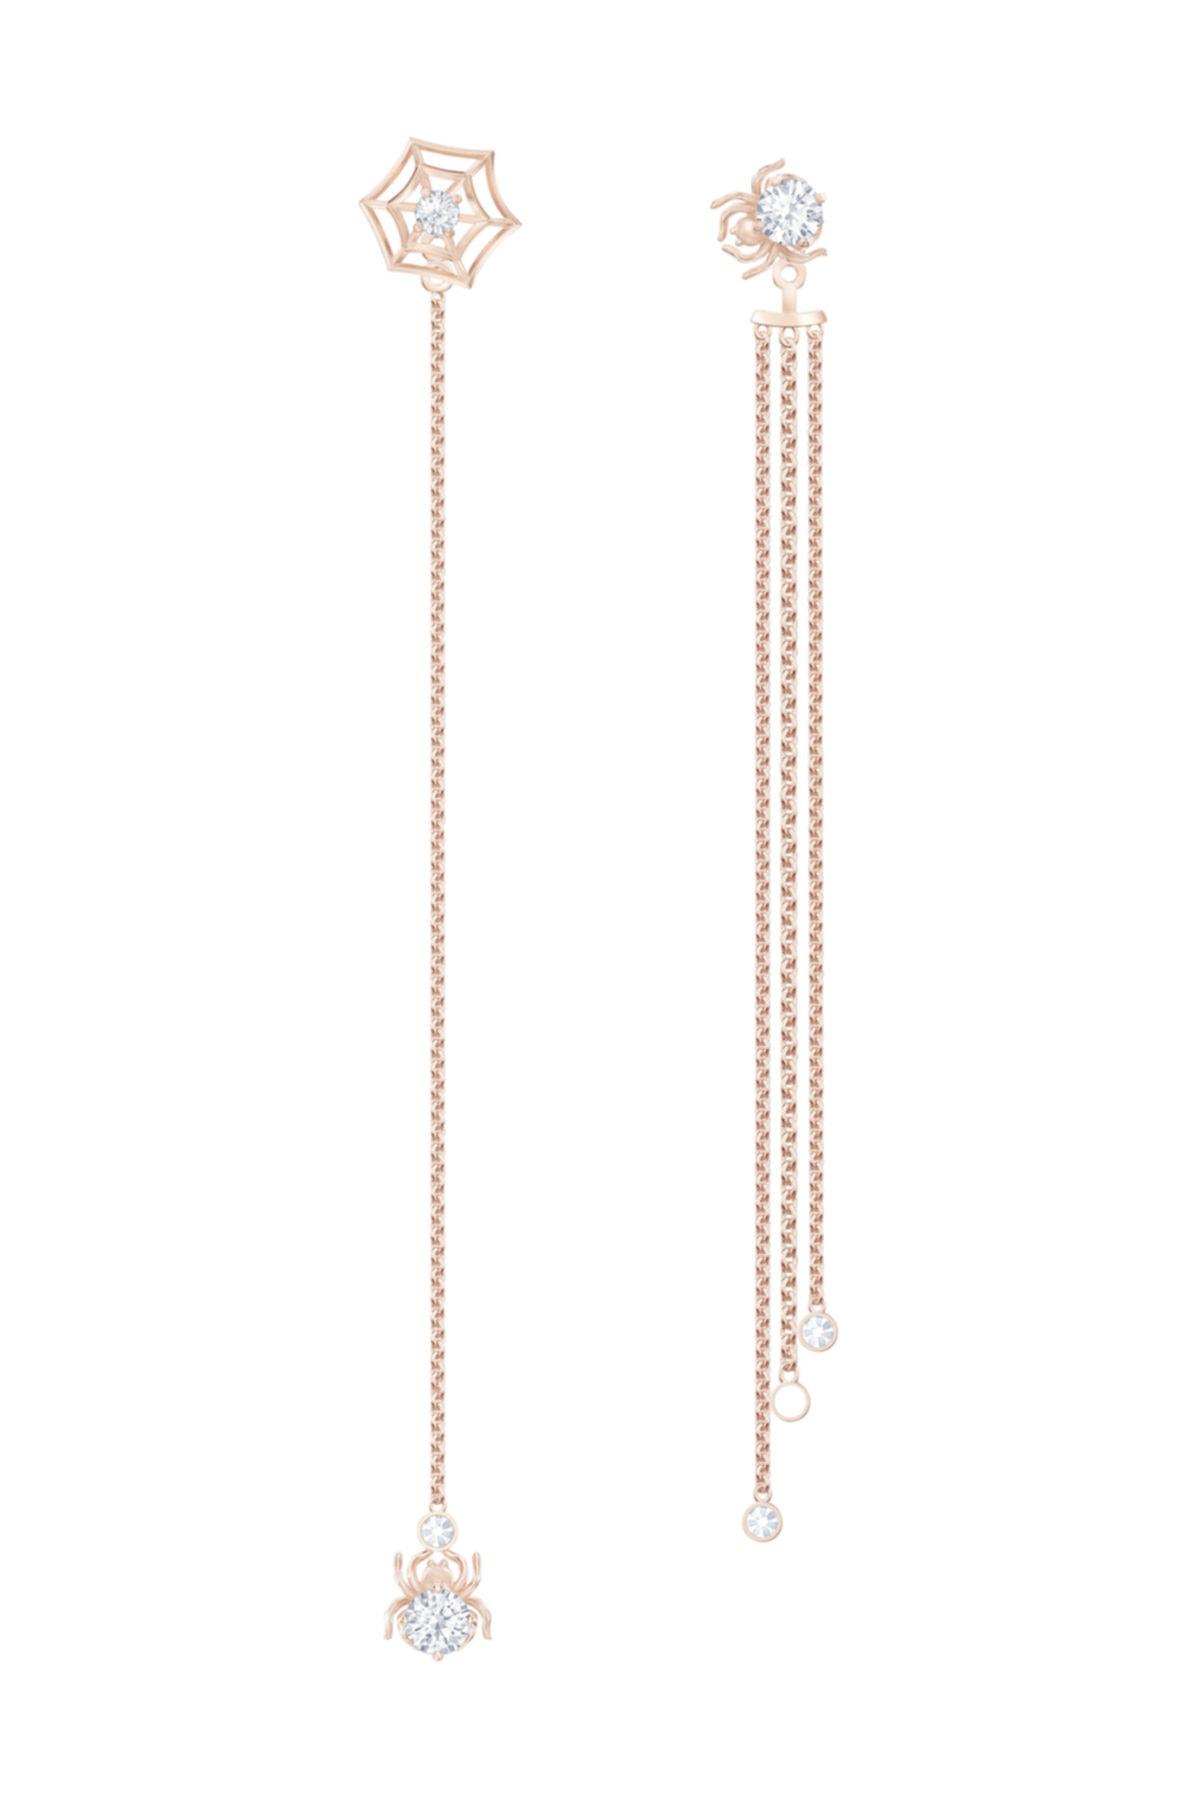 Swarovski Küpe Precisely:Pe Lng Czwh/Cry/Ros 5496488 1